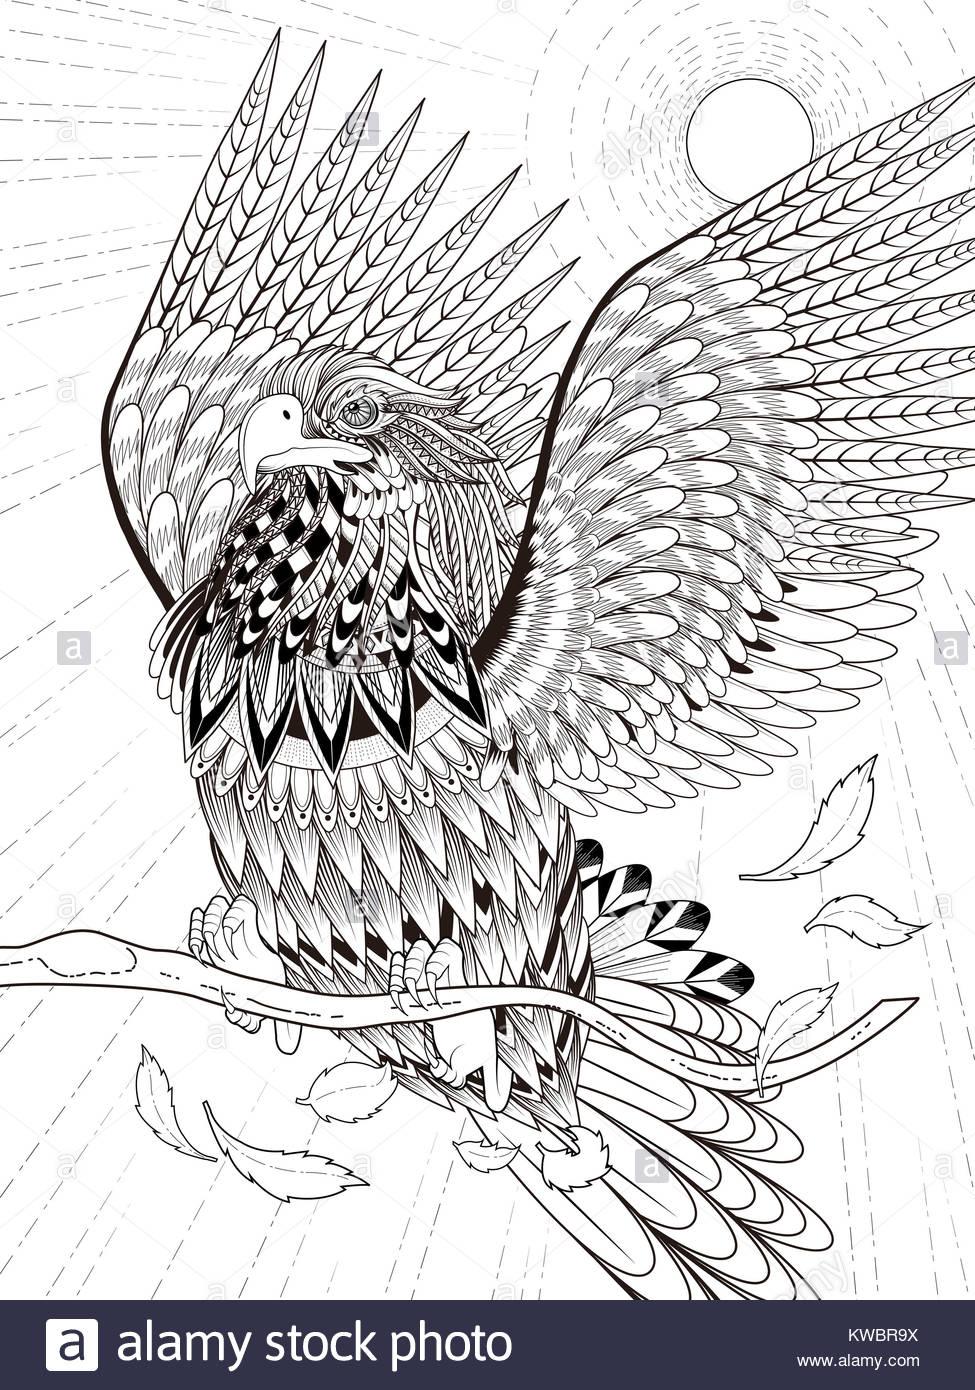 Imponente águila volando página para colorear en línea exquisita ...